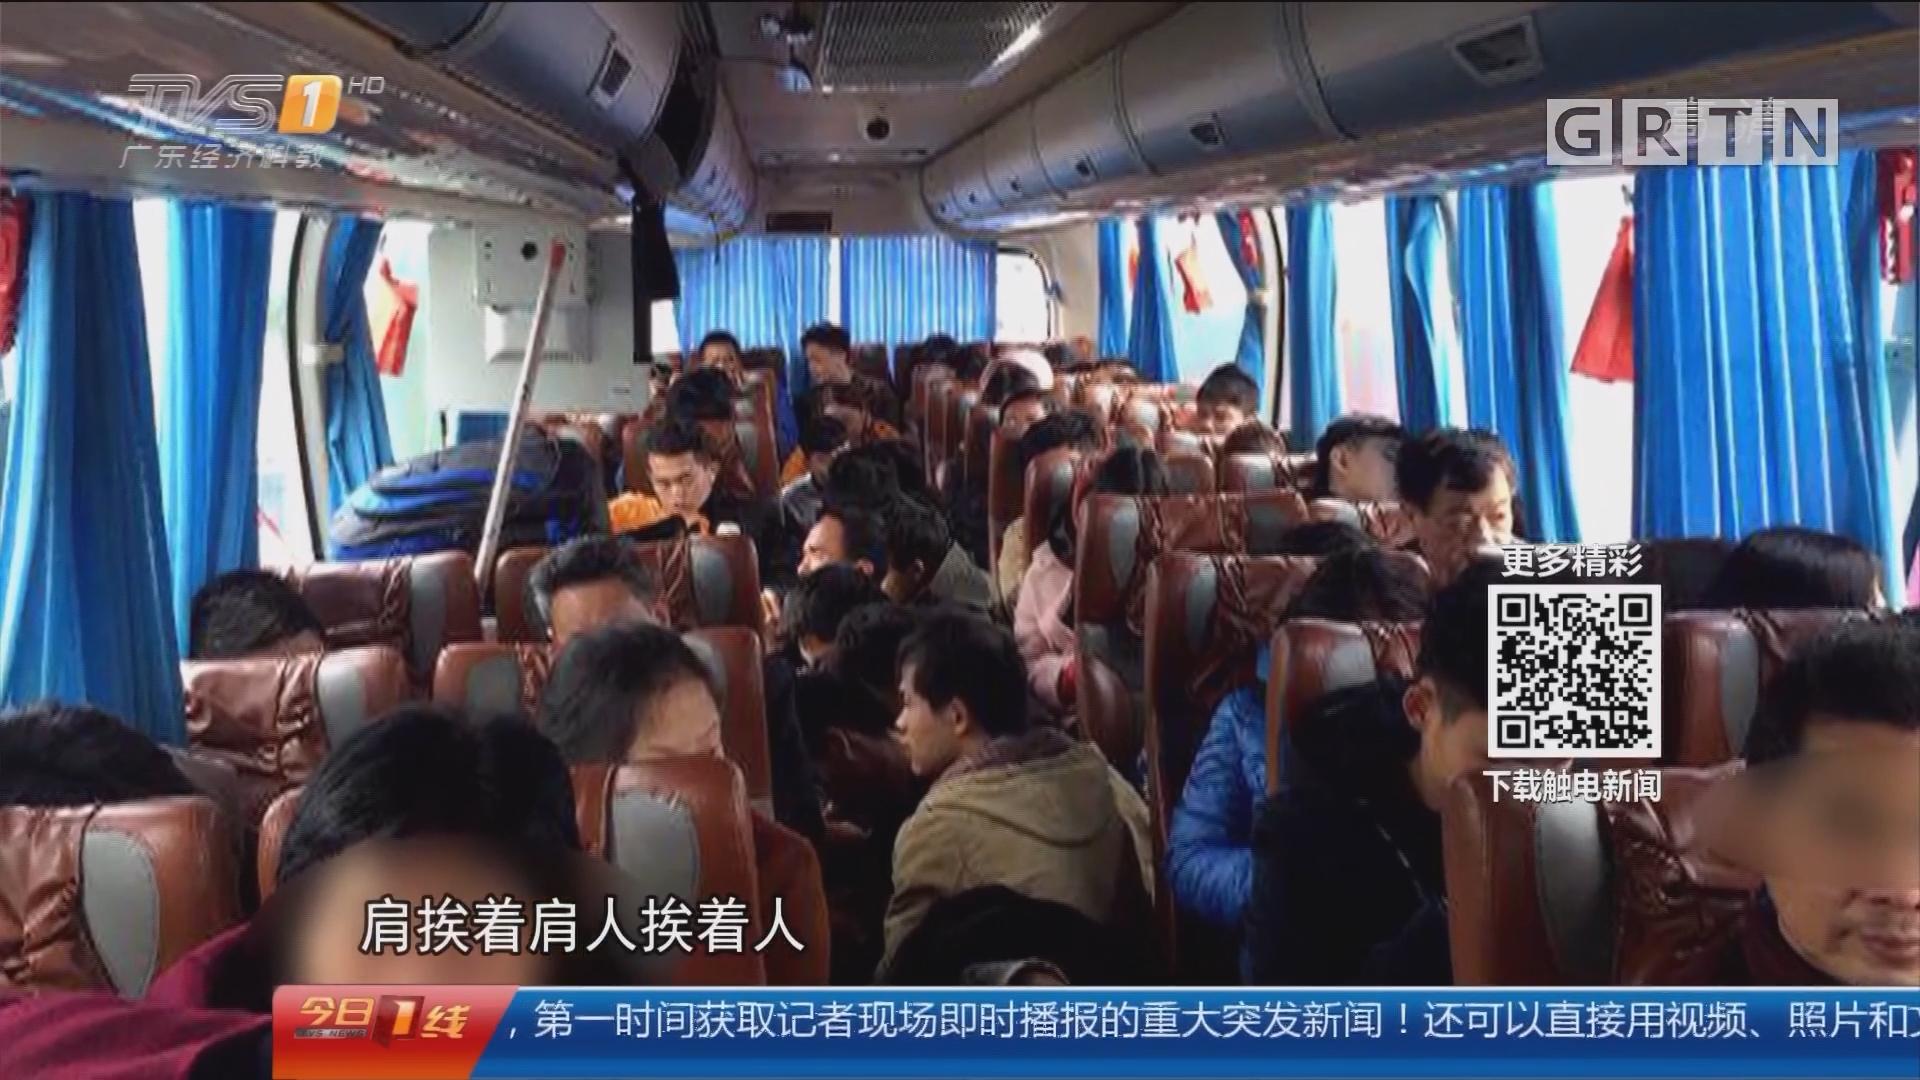 惠州惠阳:大巴超载27人 过道坐满乘客